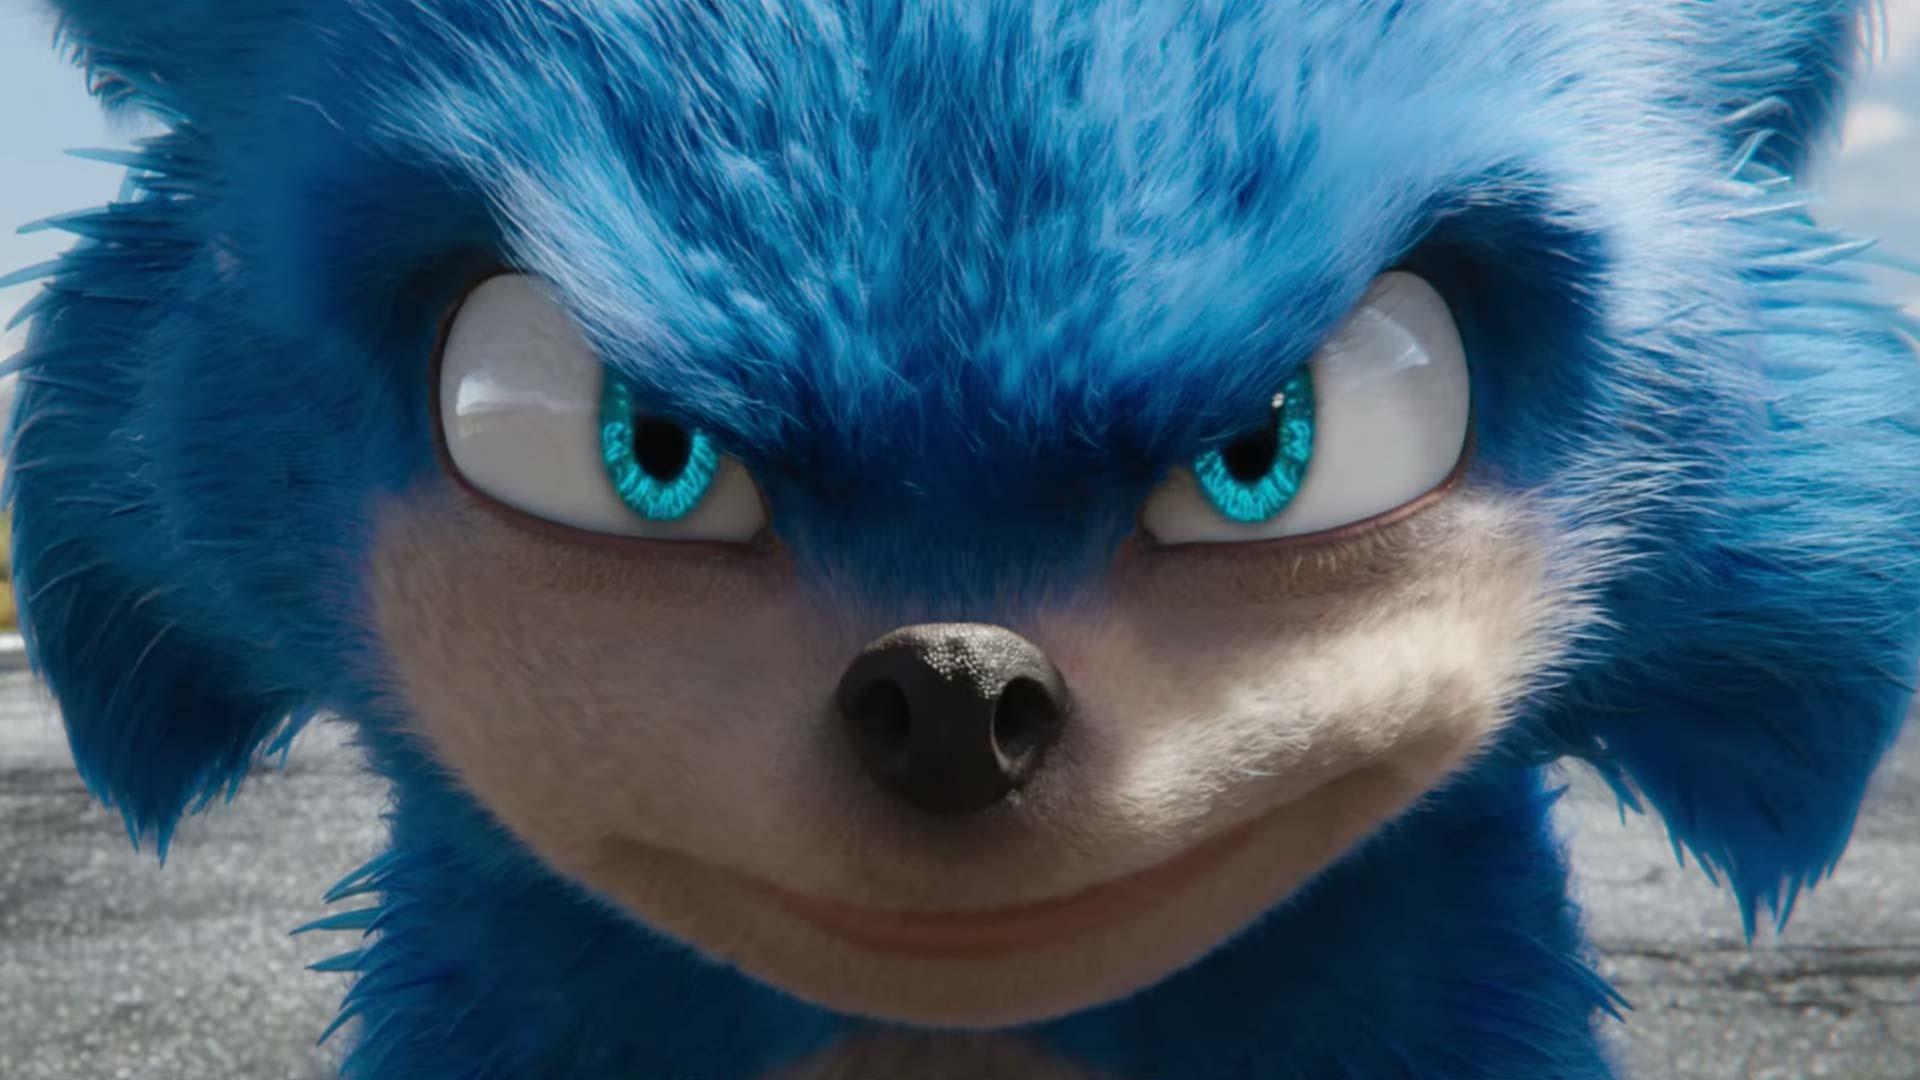 ยอมแล้วจ้า! ผู้กำกับหนัง Sonic รับปากออกแบบเจ้าเม่นสายฟ้าใหม่อีกที